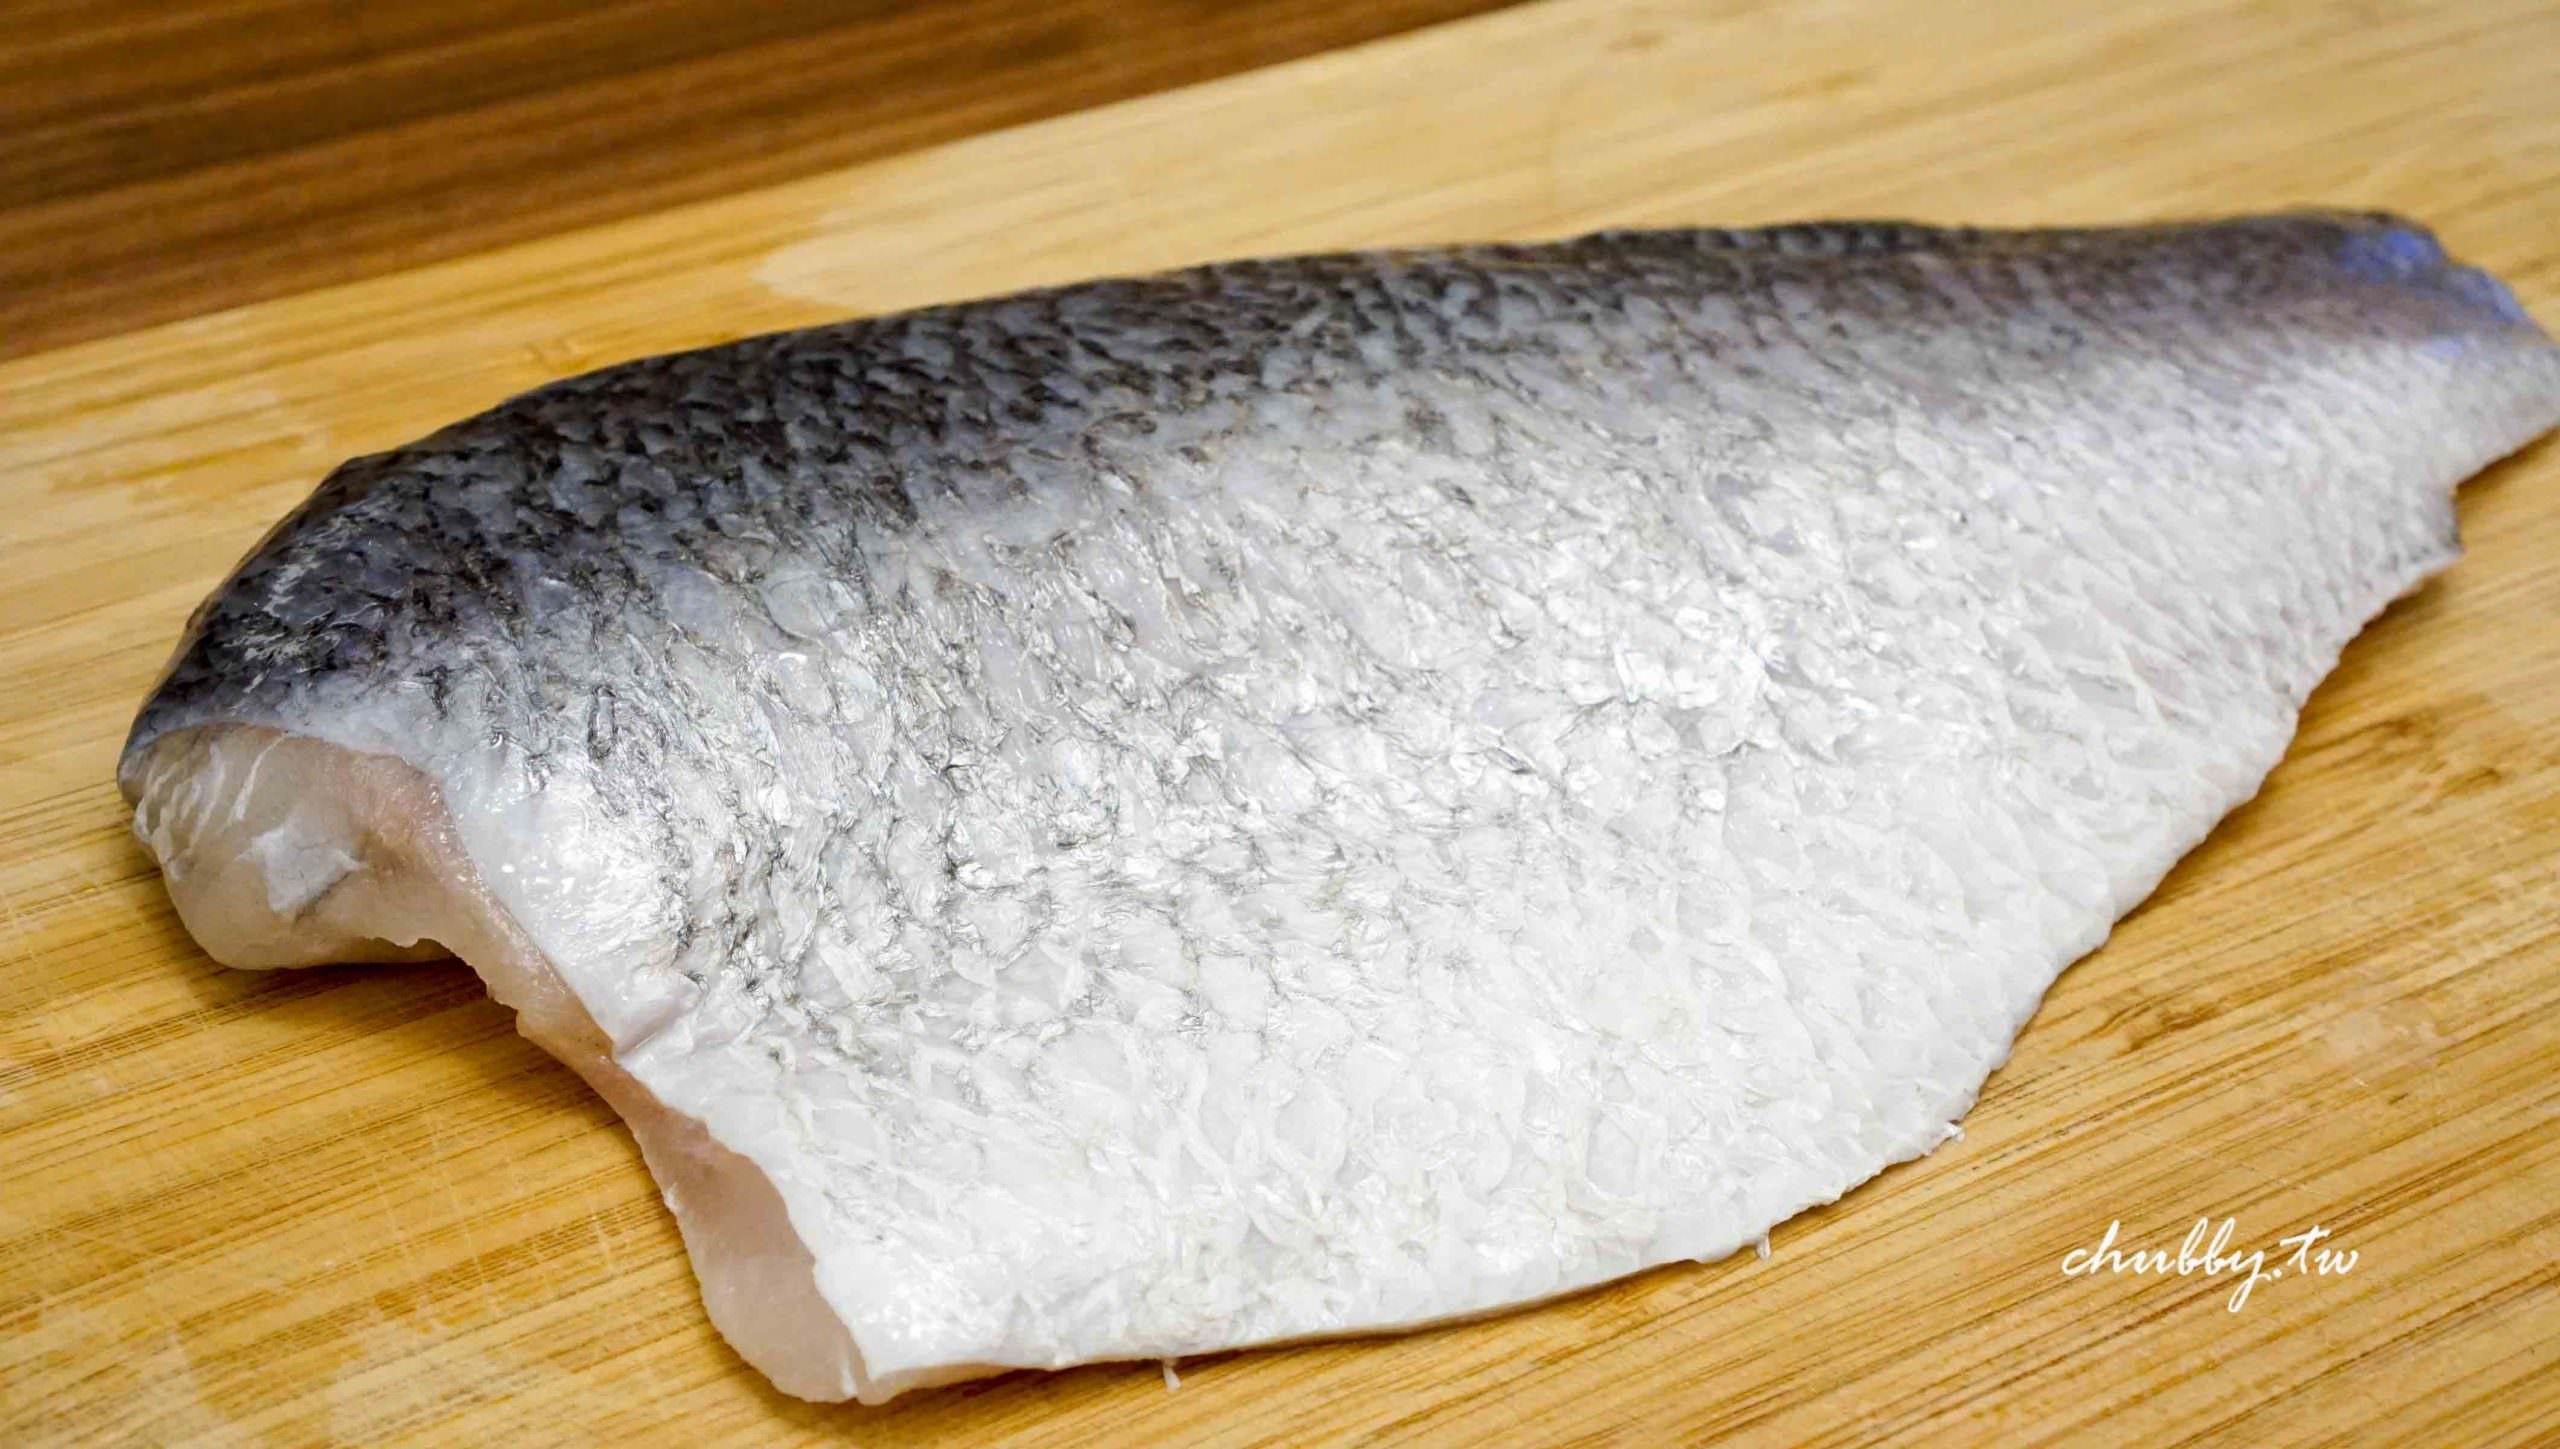 黃耆補氣鱸魚湯│小胖盈的藥膳食譜│元氣:鮮甜湯頭的鱸魚湯作法